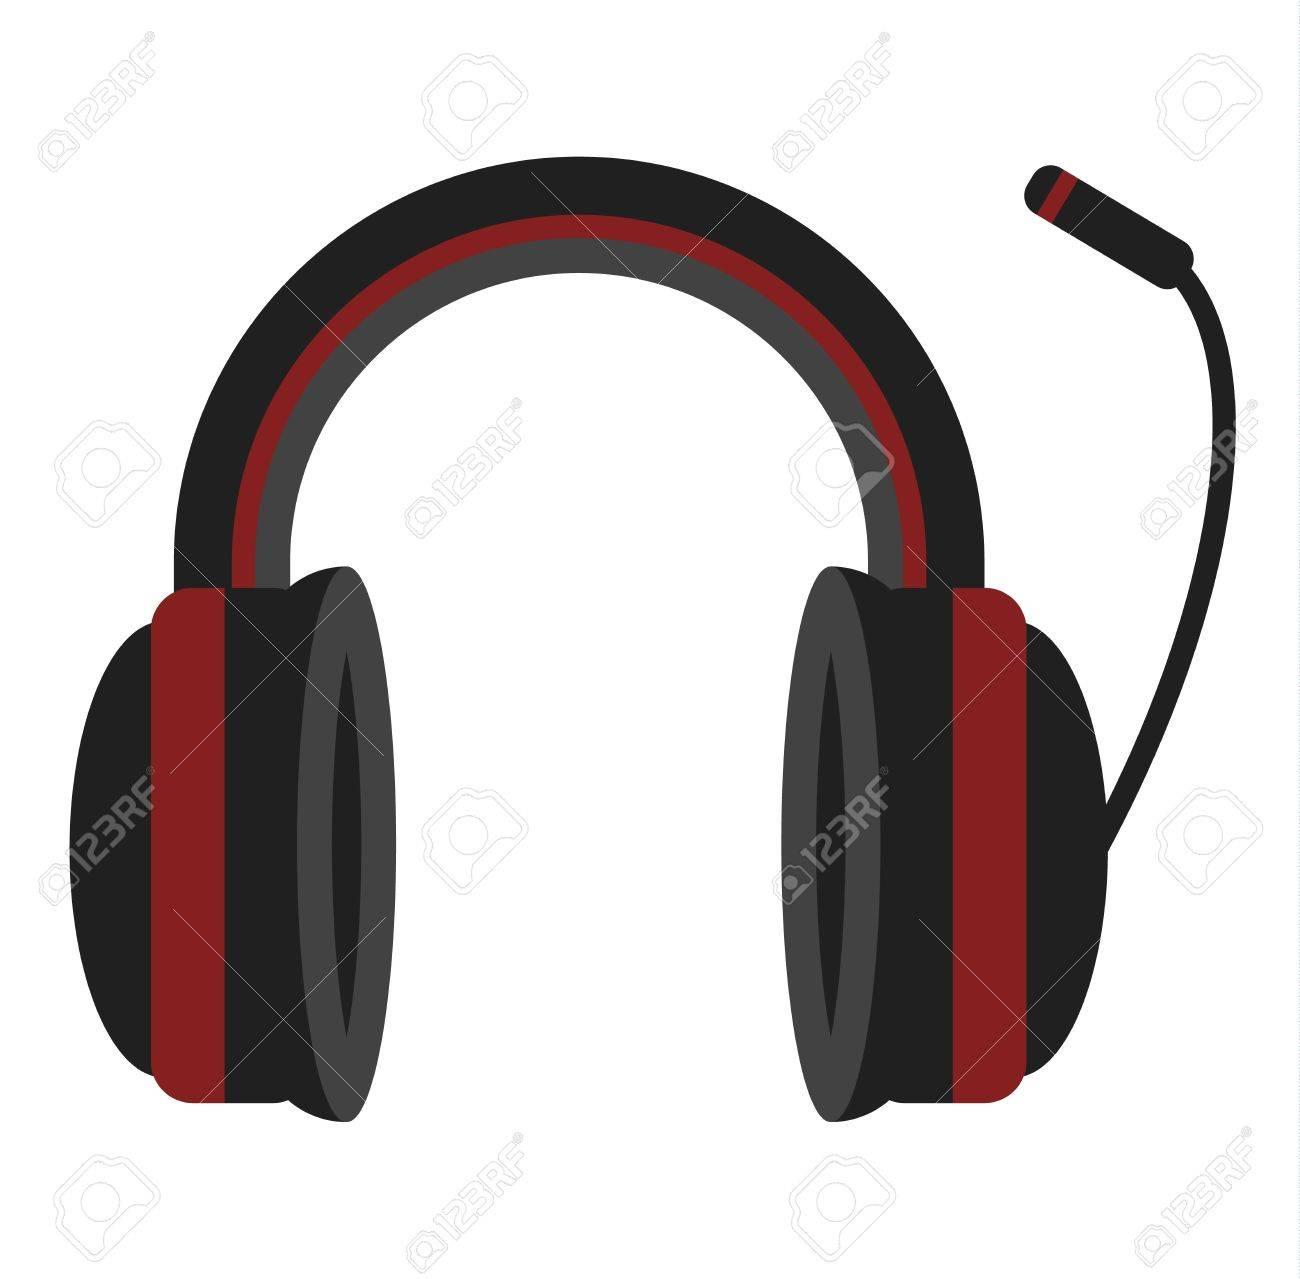 Radio-Kopfhörer Vektor-Illustration. Musik Kopfhörer-Digital ...